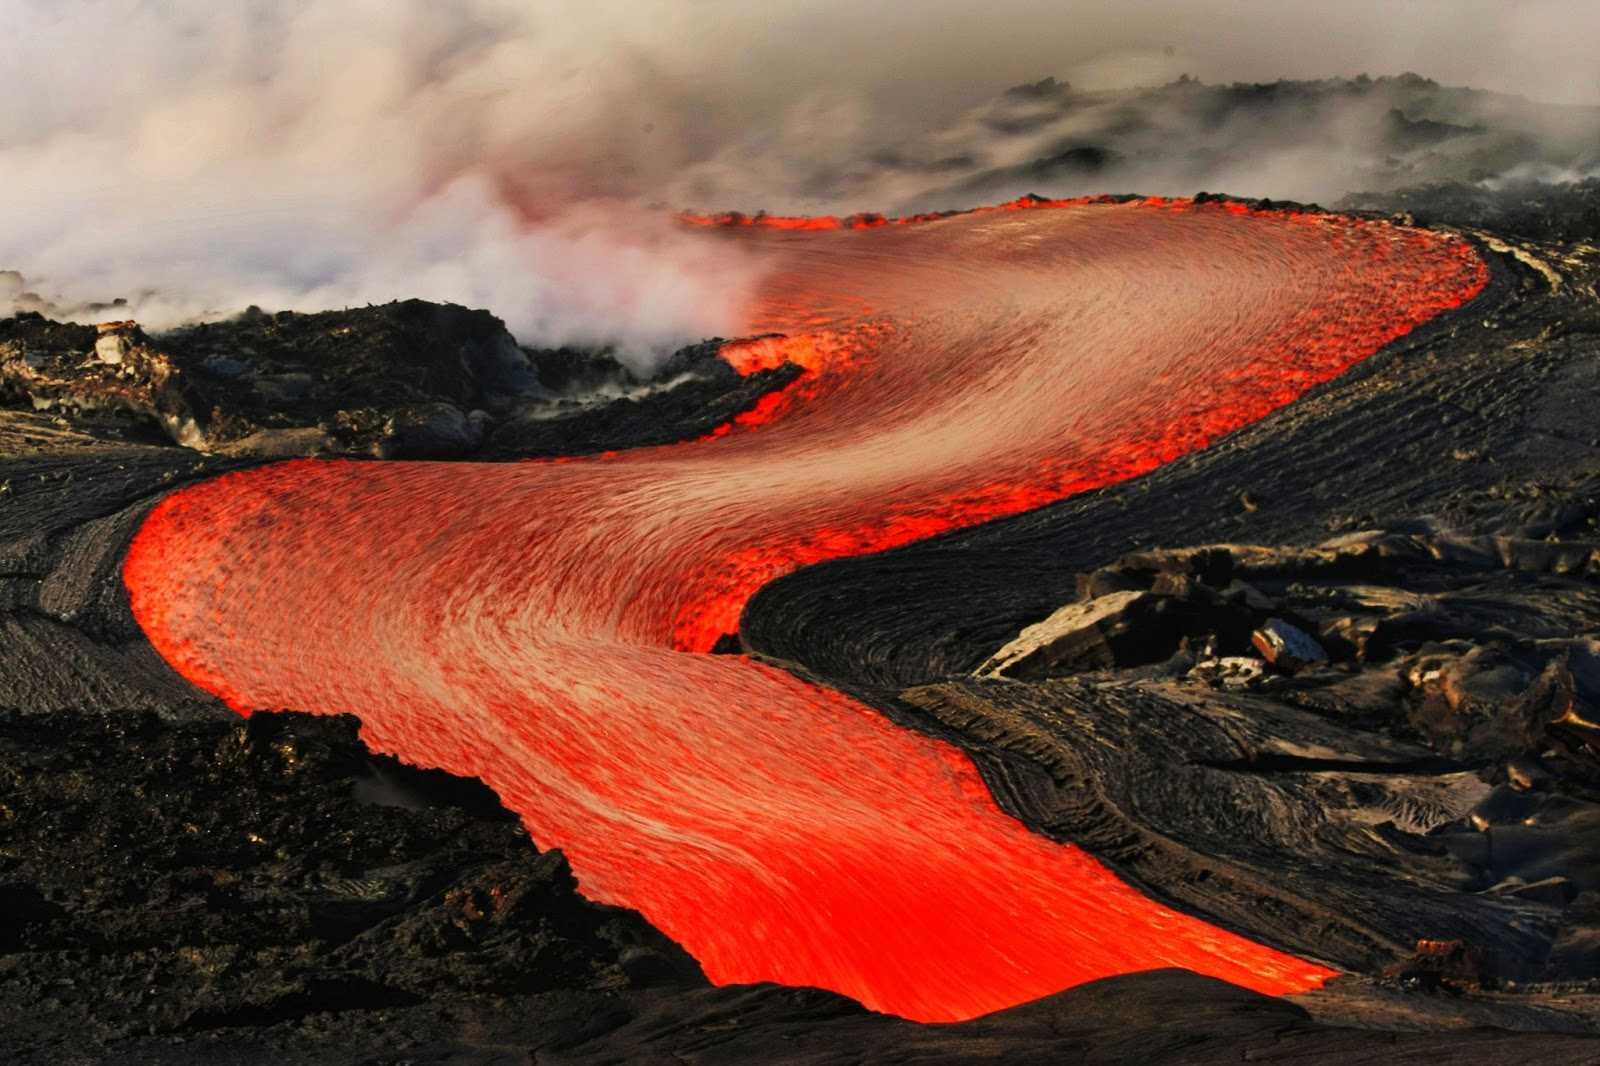 картинка магма земли складных иконостасов закрывались